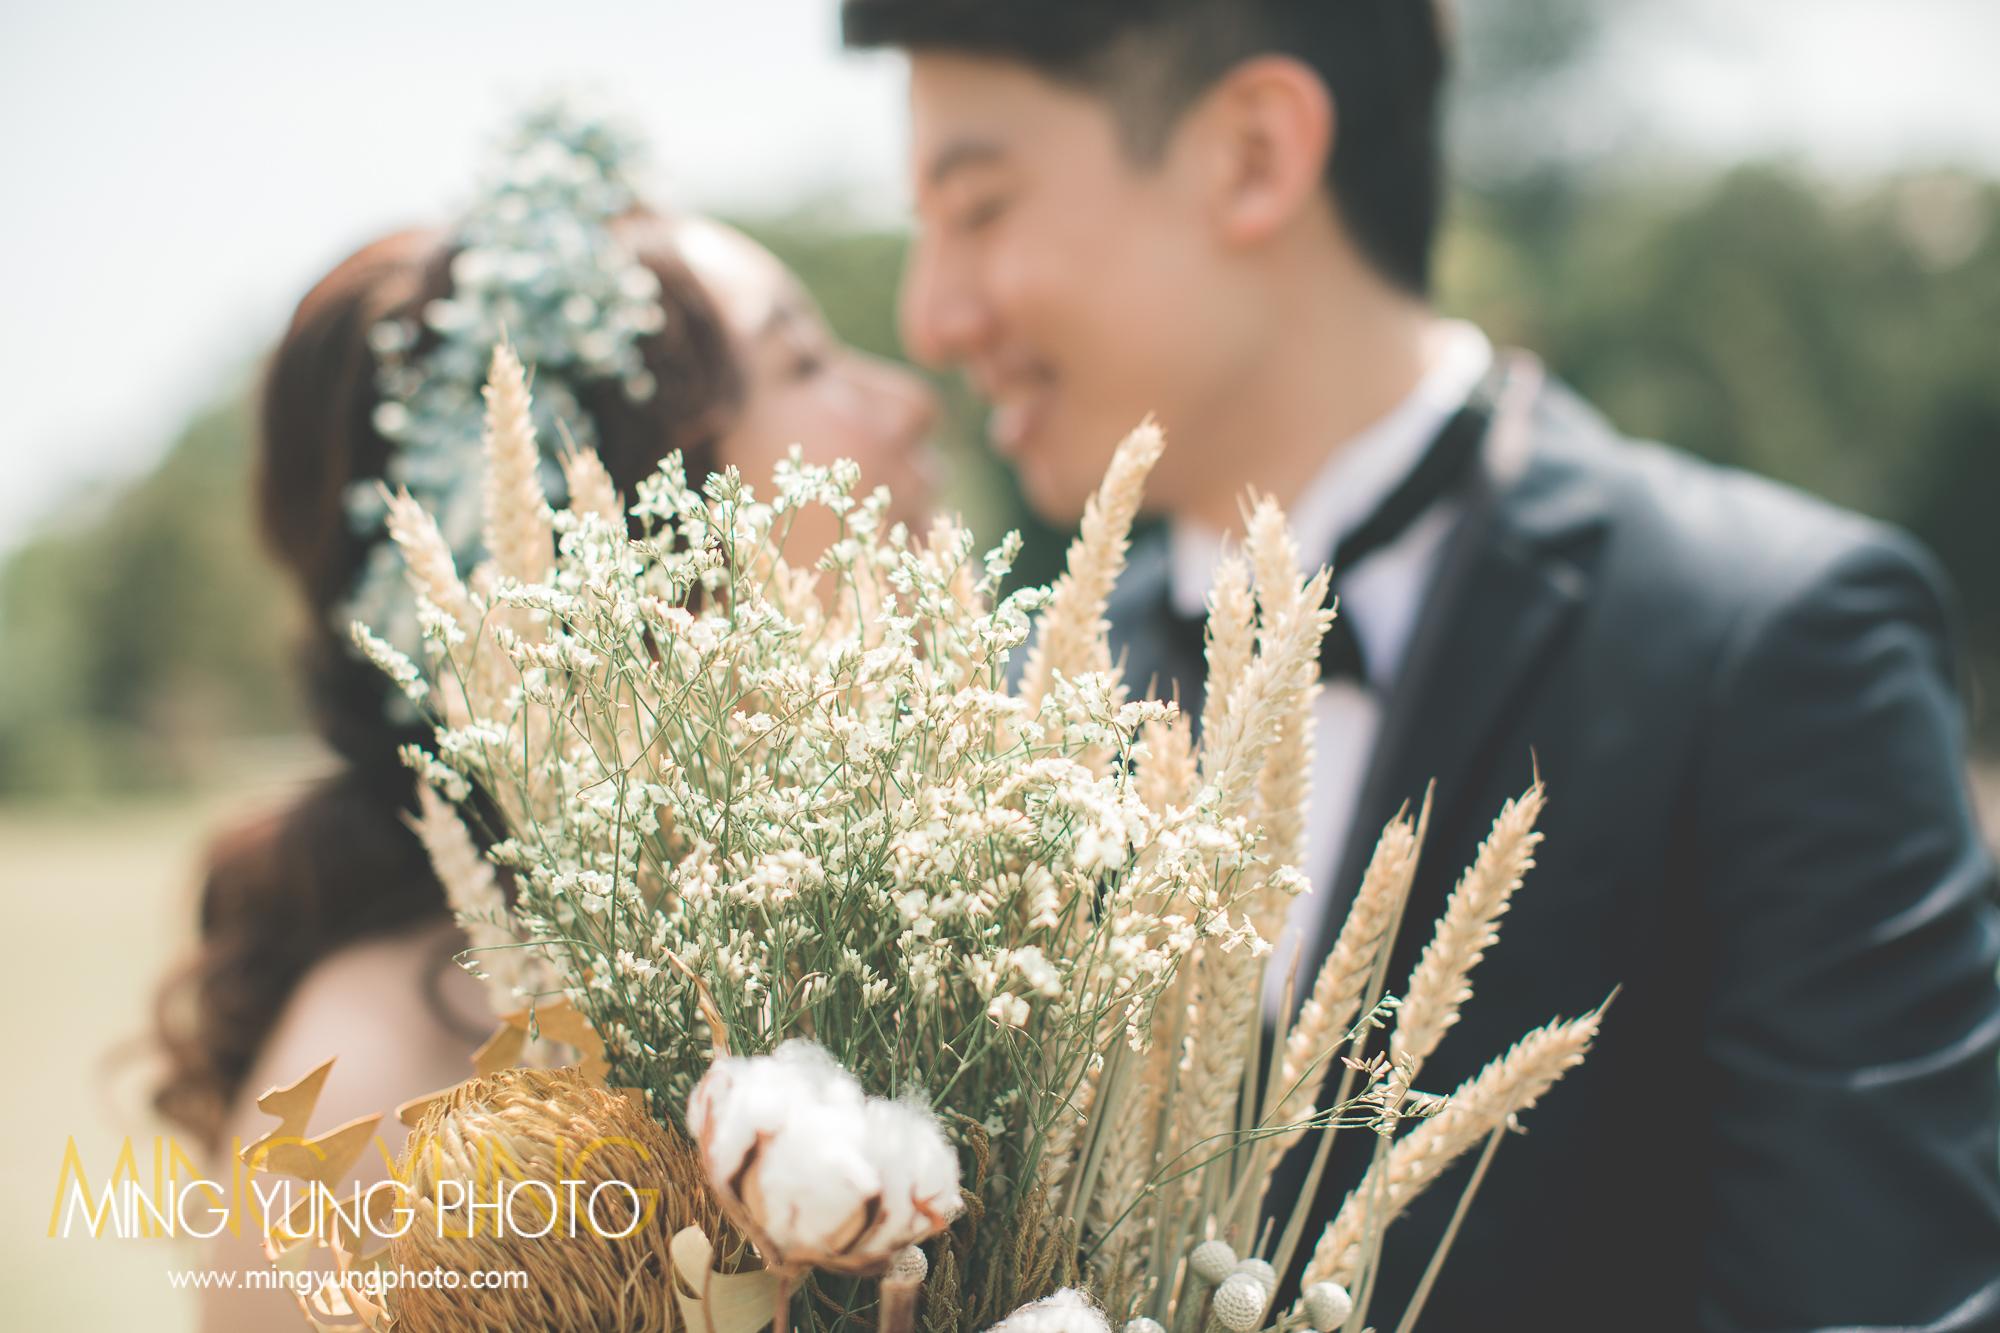 mingyungphoto-20170405-0007